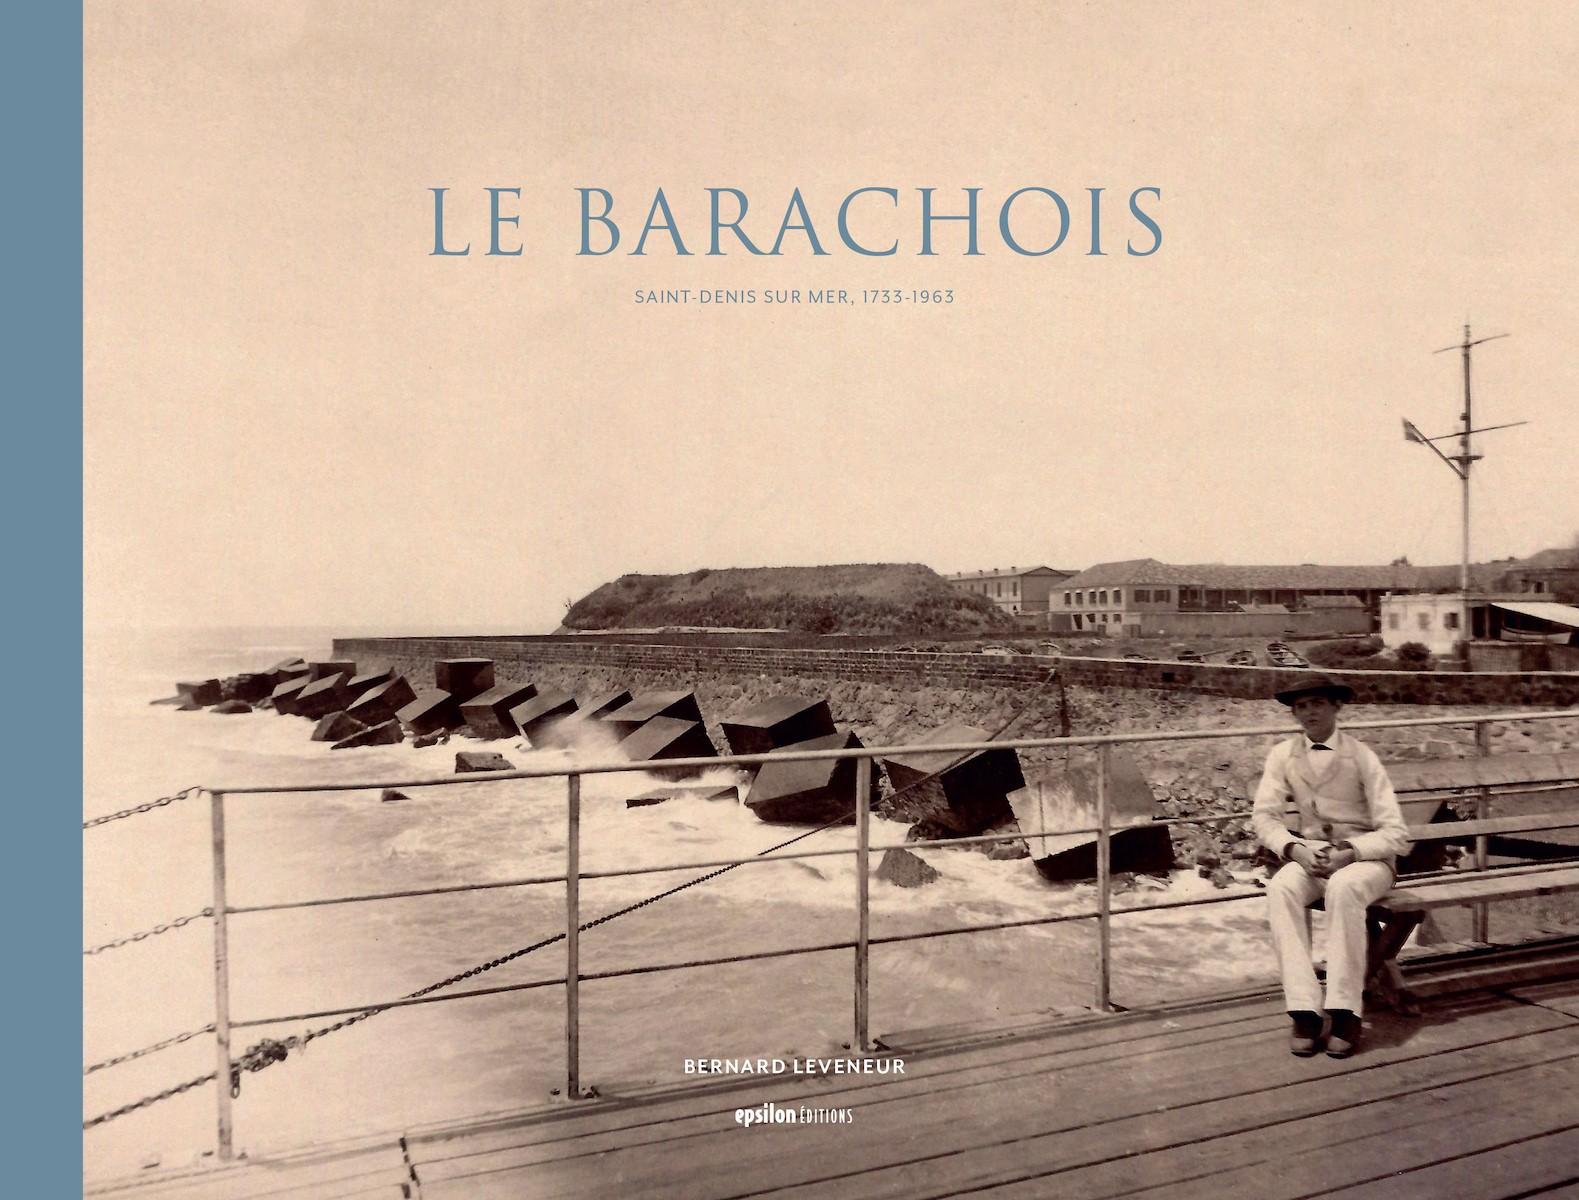 Le Barachois – Saint-Denis sur Mer, 1733-1963